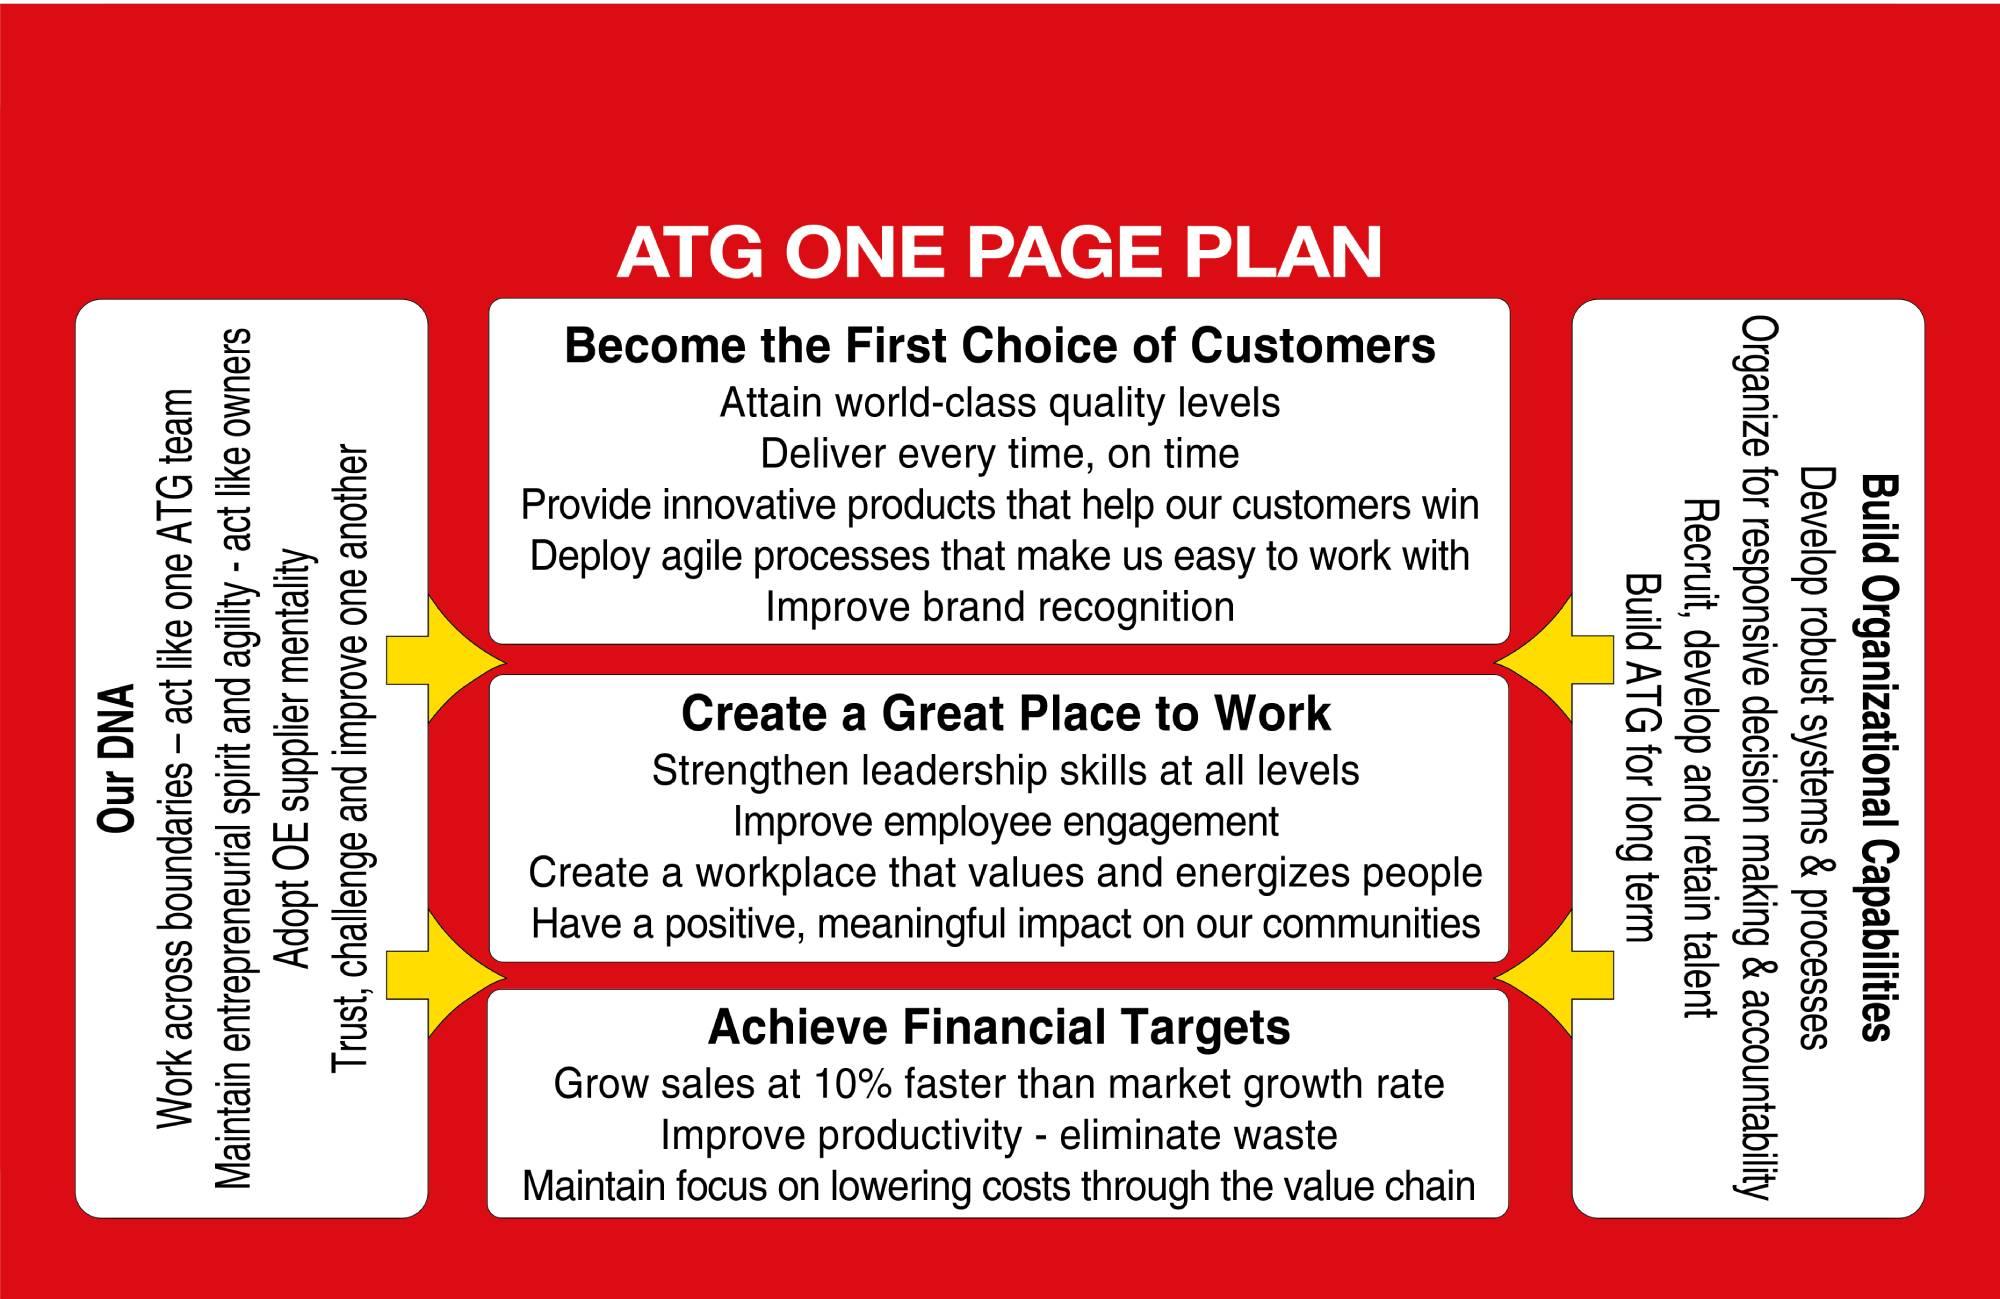 One ATG Plan